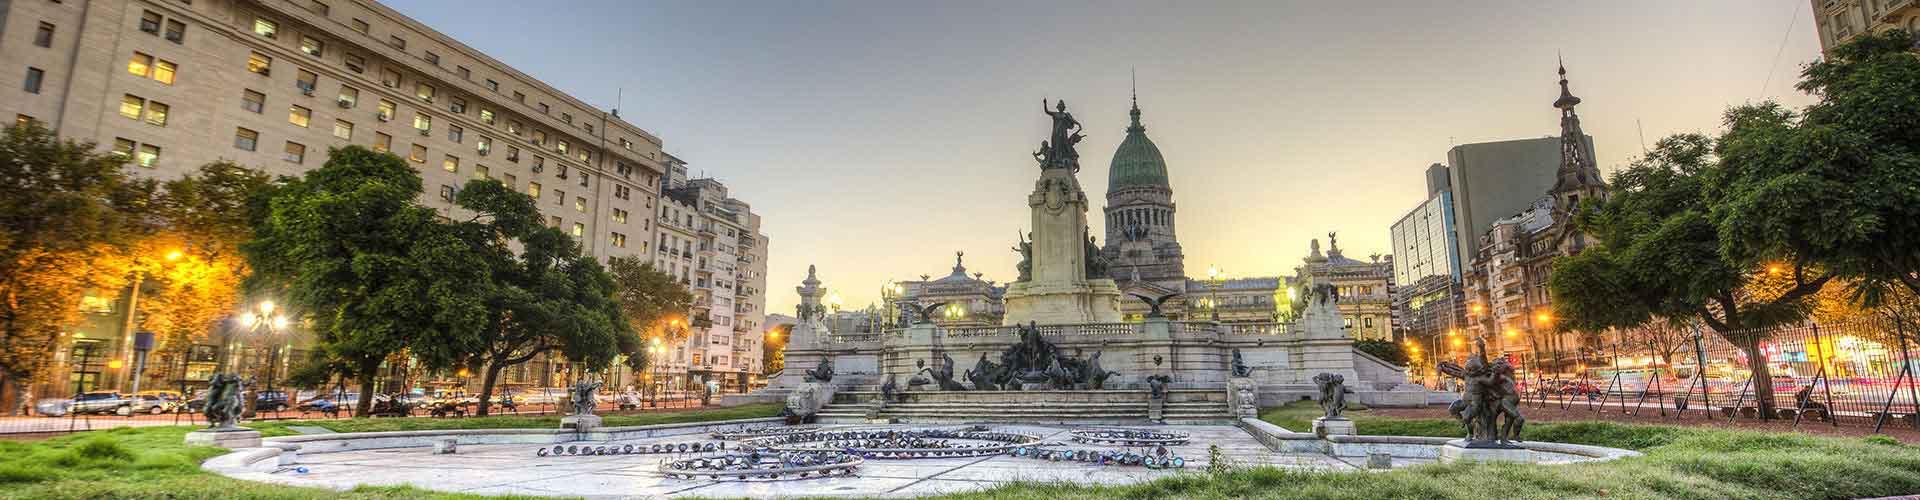 Buenos Aires - Ifjúsági Szállások Buenos Airesben. Buenos Aires térképek, fotók és ajánlások minden egyes ifjúsági szállásokra Buenos Aires-ben.